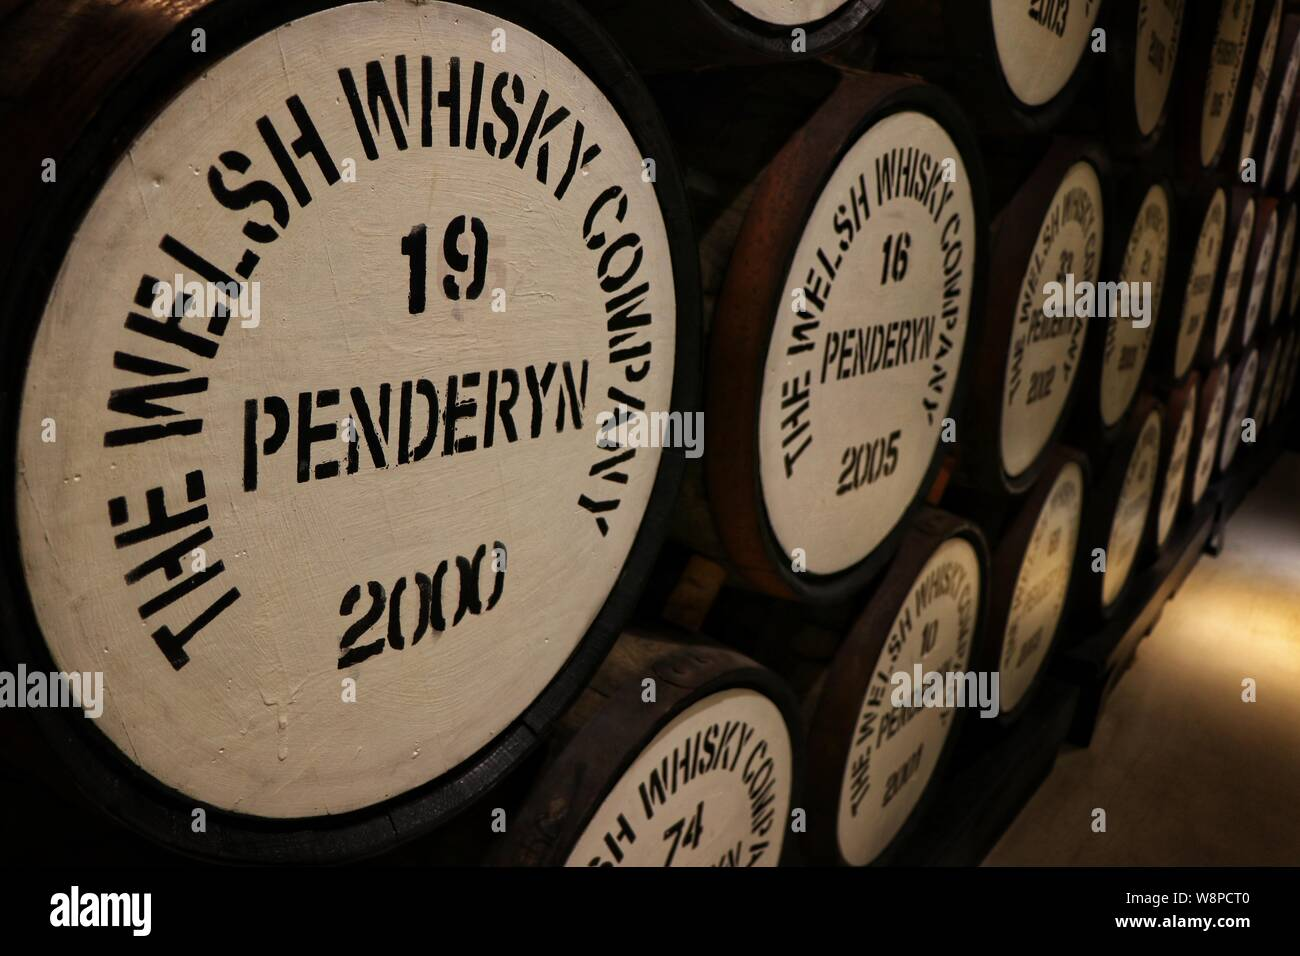 Maduración en barriles de whisky bourbon, la Destilería Penderyn, Wales, REINO UNIDO Foto de stock